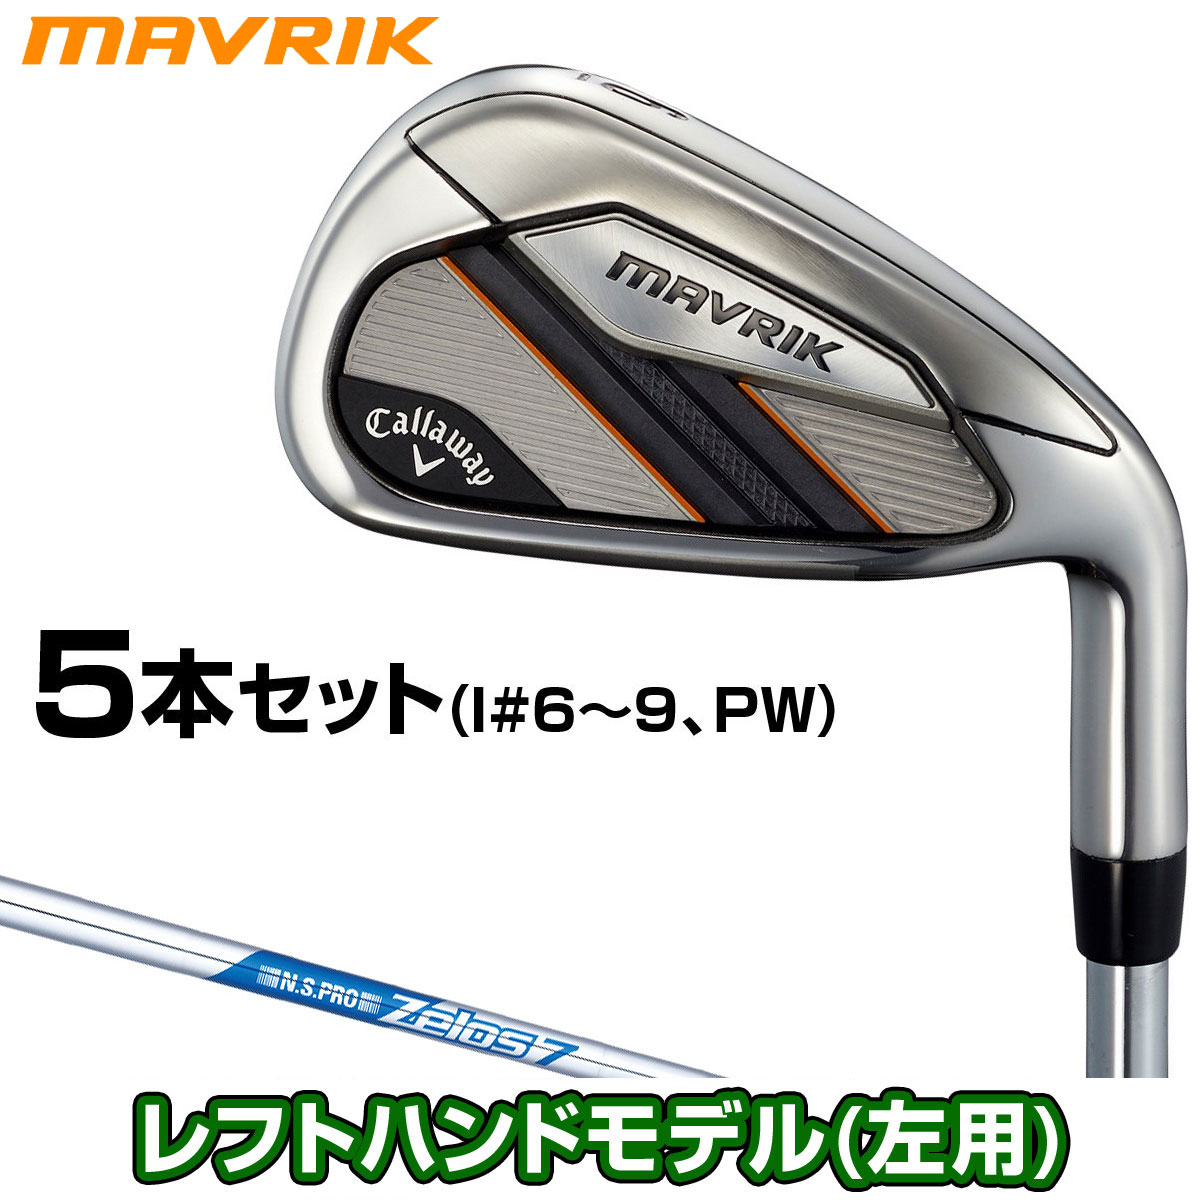 Callaway(キャロウェイ)日本正規品 MAVRIK(マーベリック)アイアン 2020新製品 NSPRO Zelos7スチールシャフト 5本セット(I#6~9、PW) 「レフトハンドモデル(左用)」【あす楽対応】